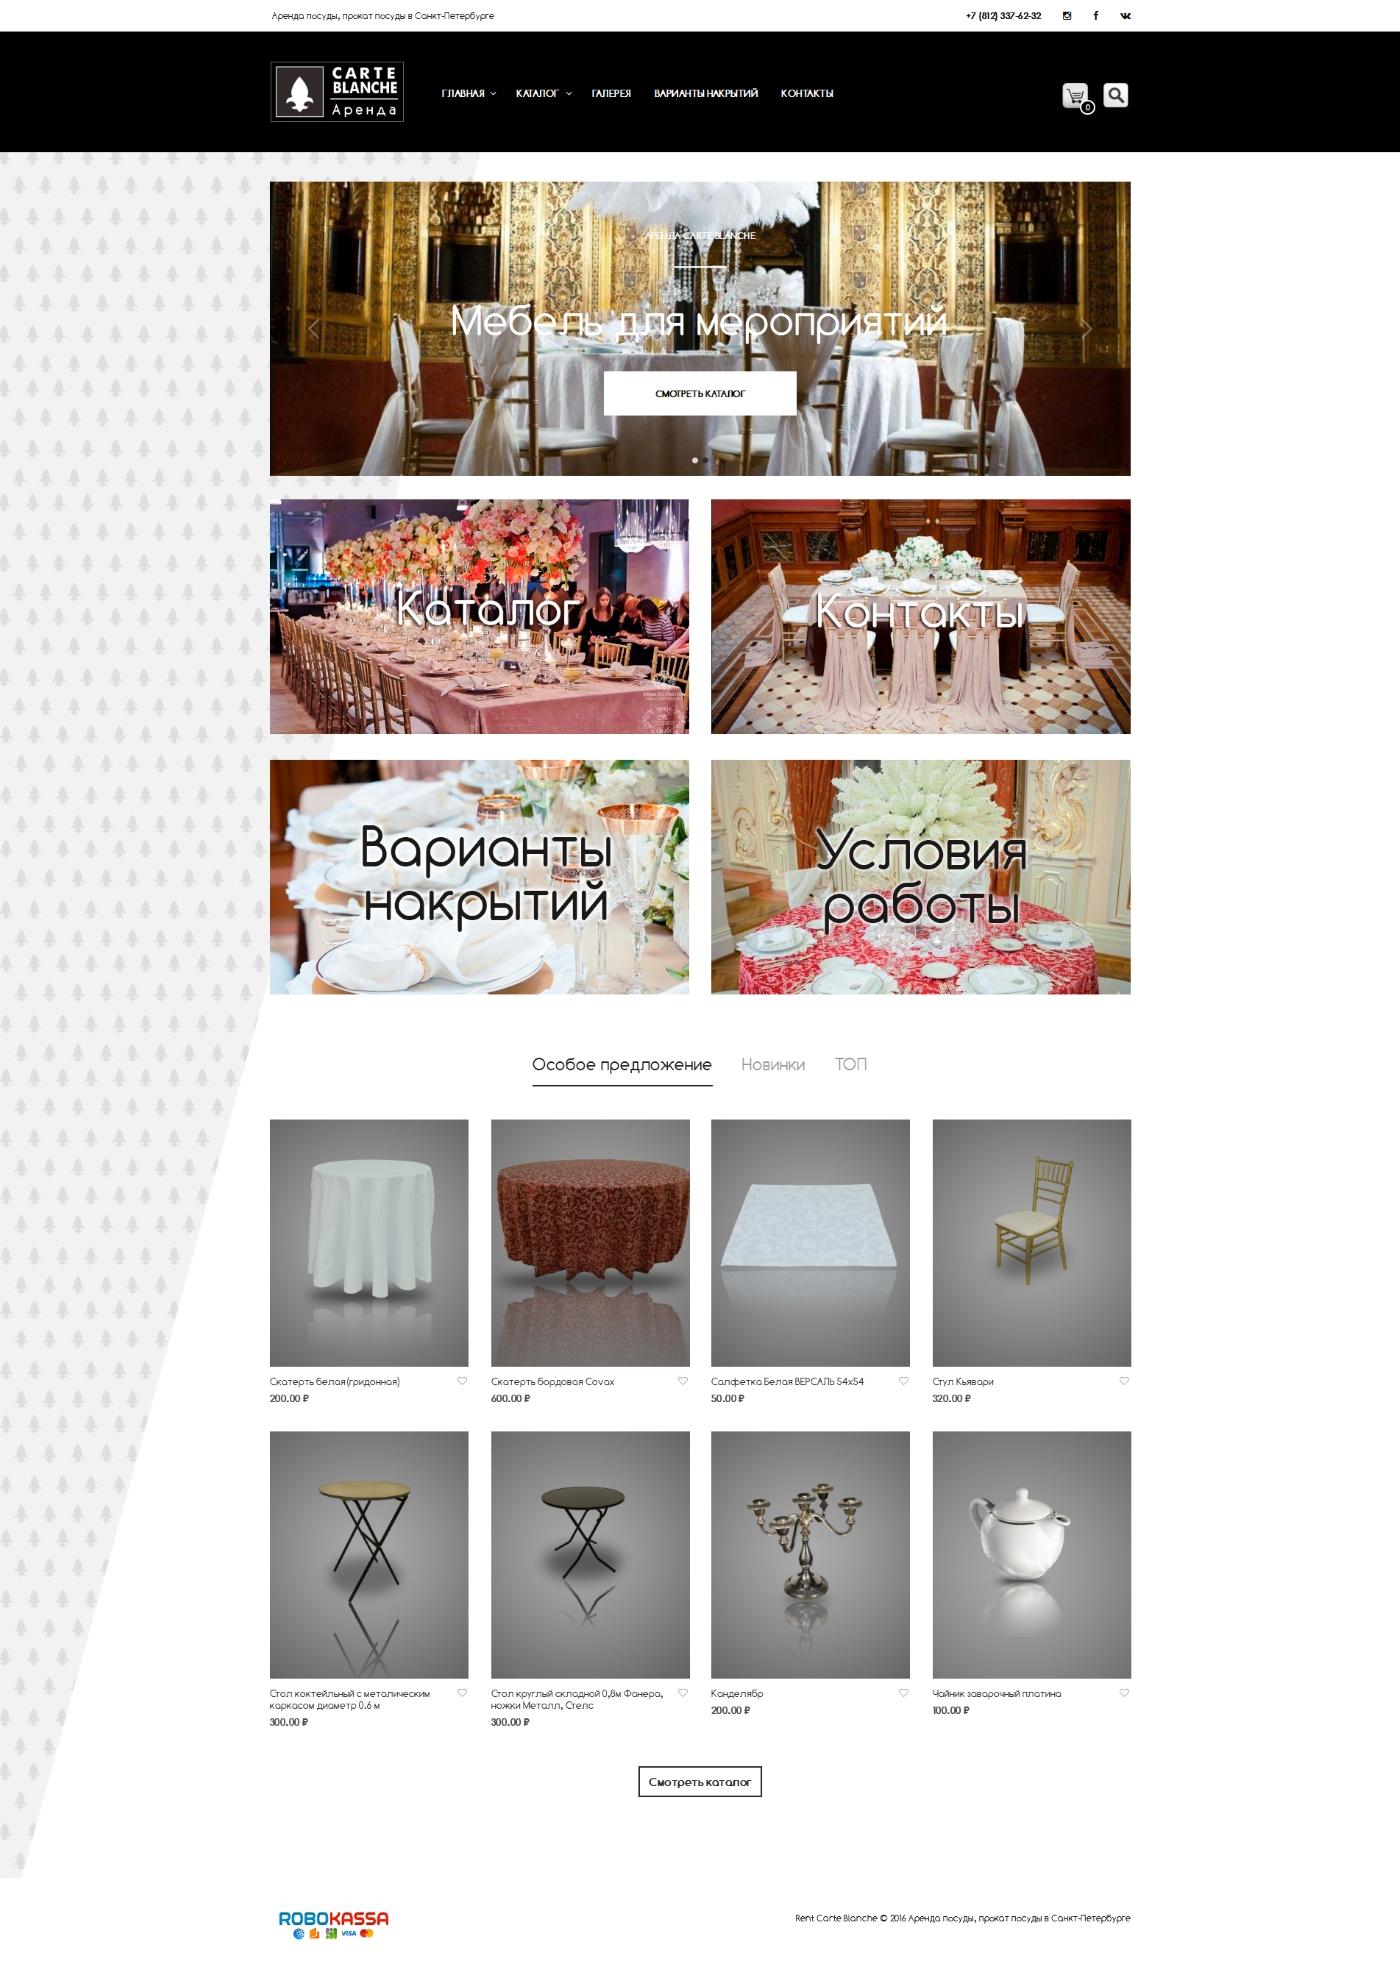 Rent Carte Blanche  Аренда посуды, прокат посуды в Санкт Петербурге